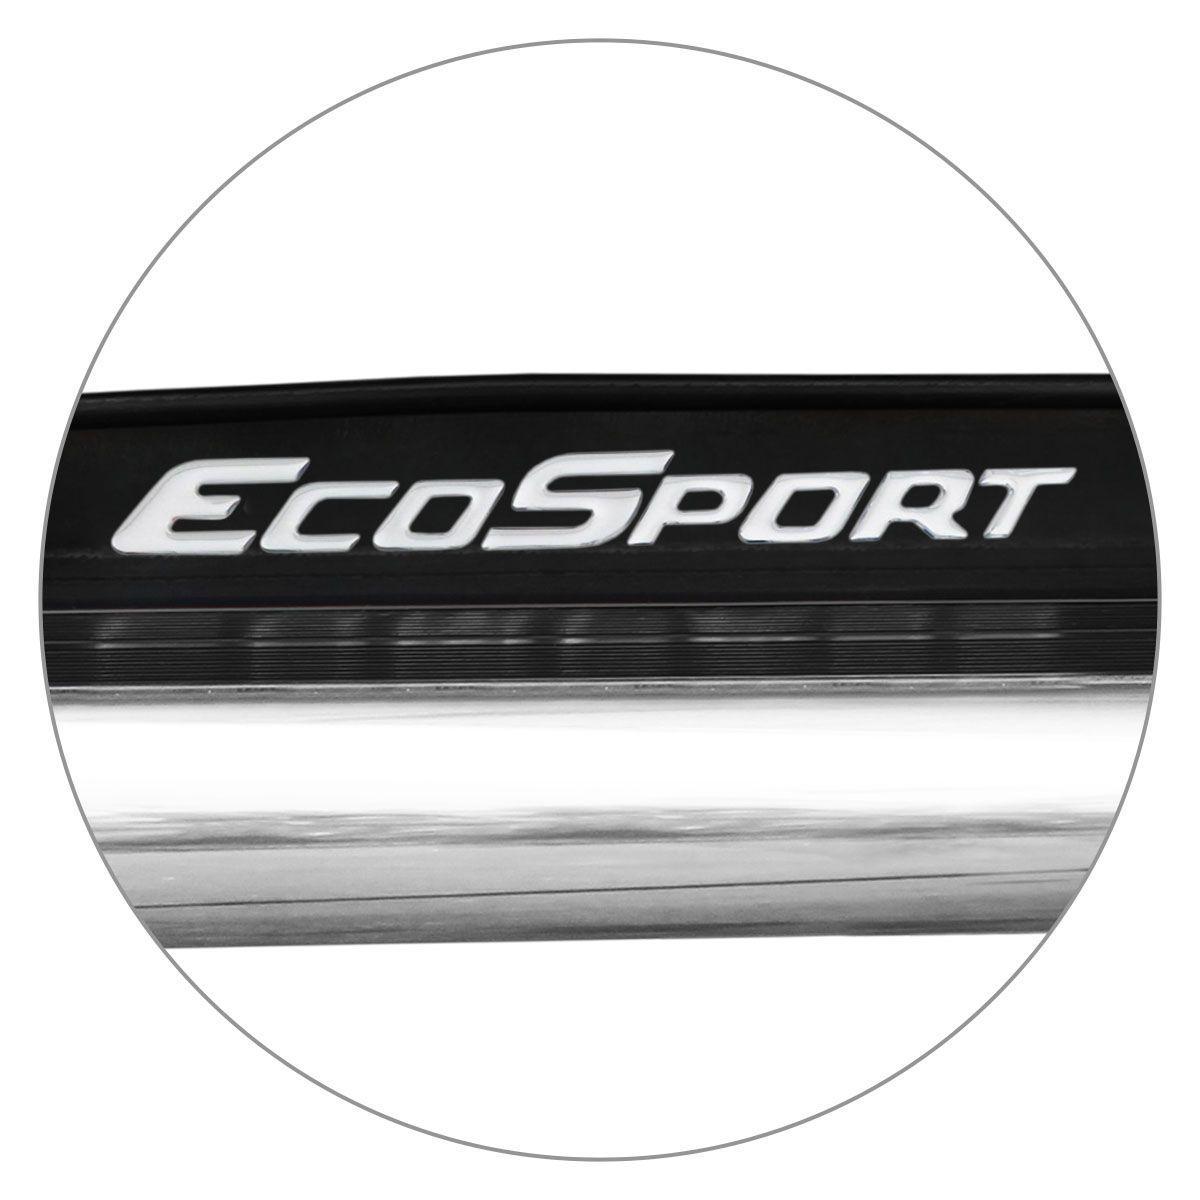 Estribo Lateral Ecosport 2013 a 2019 Preto Ebony Autech